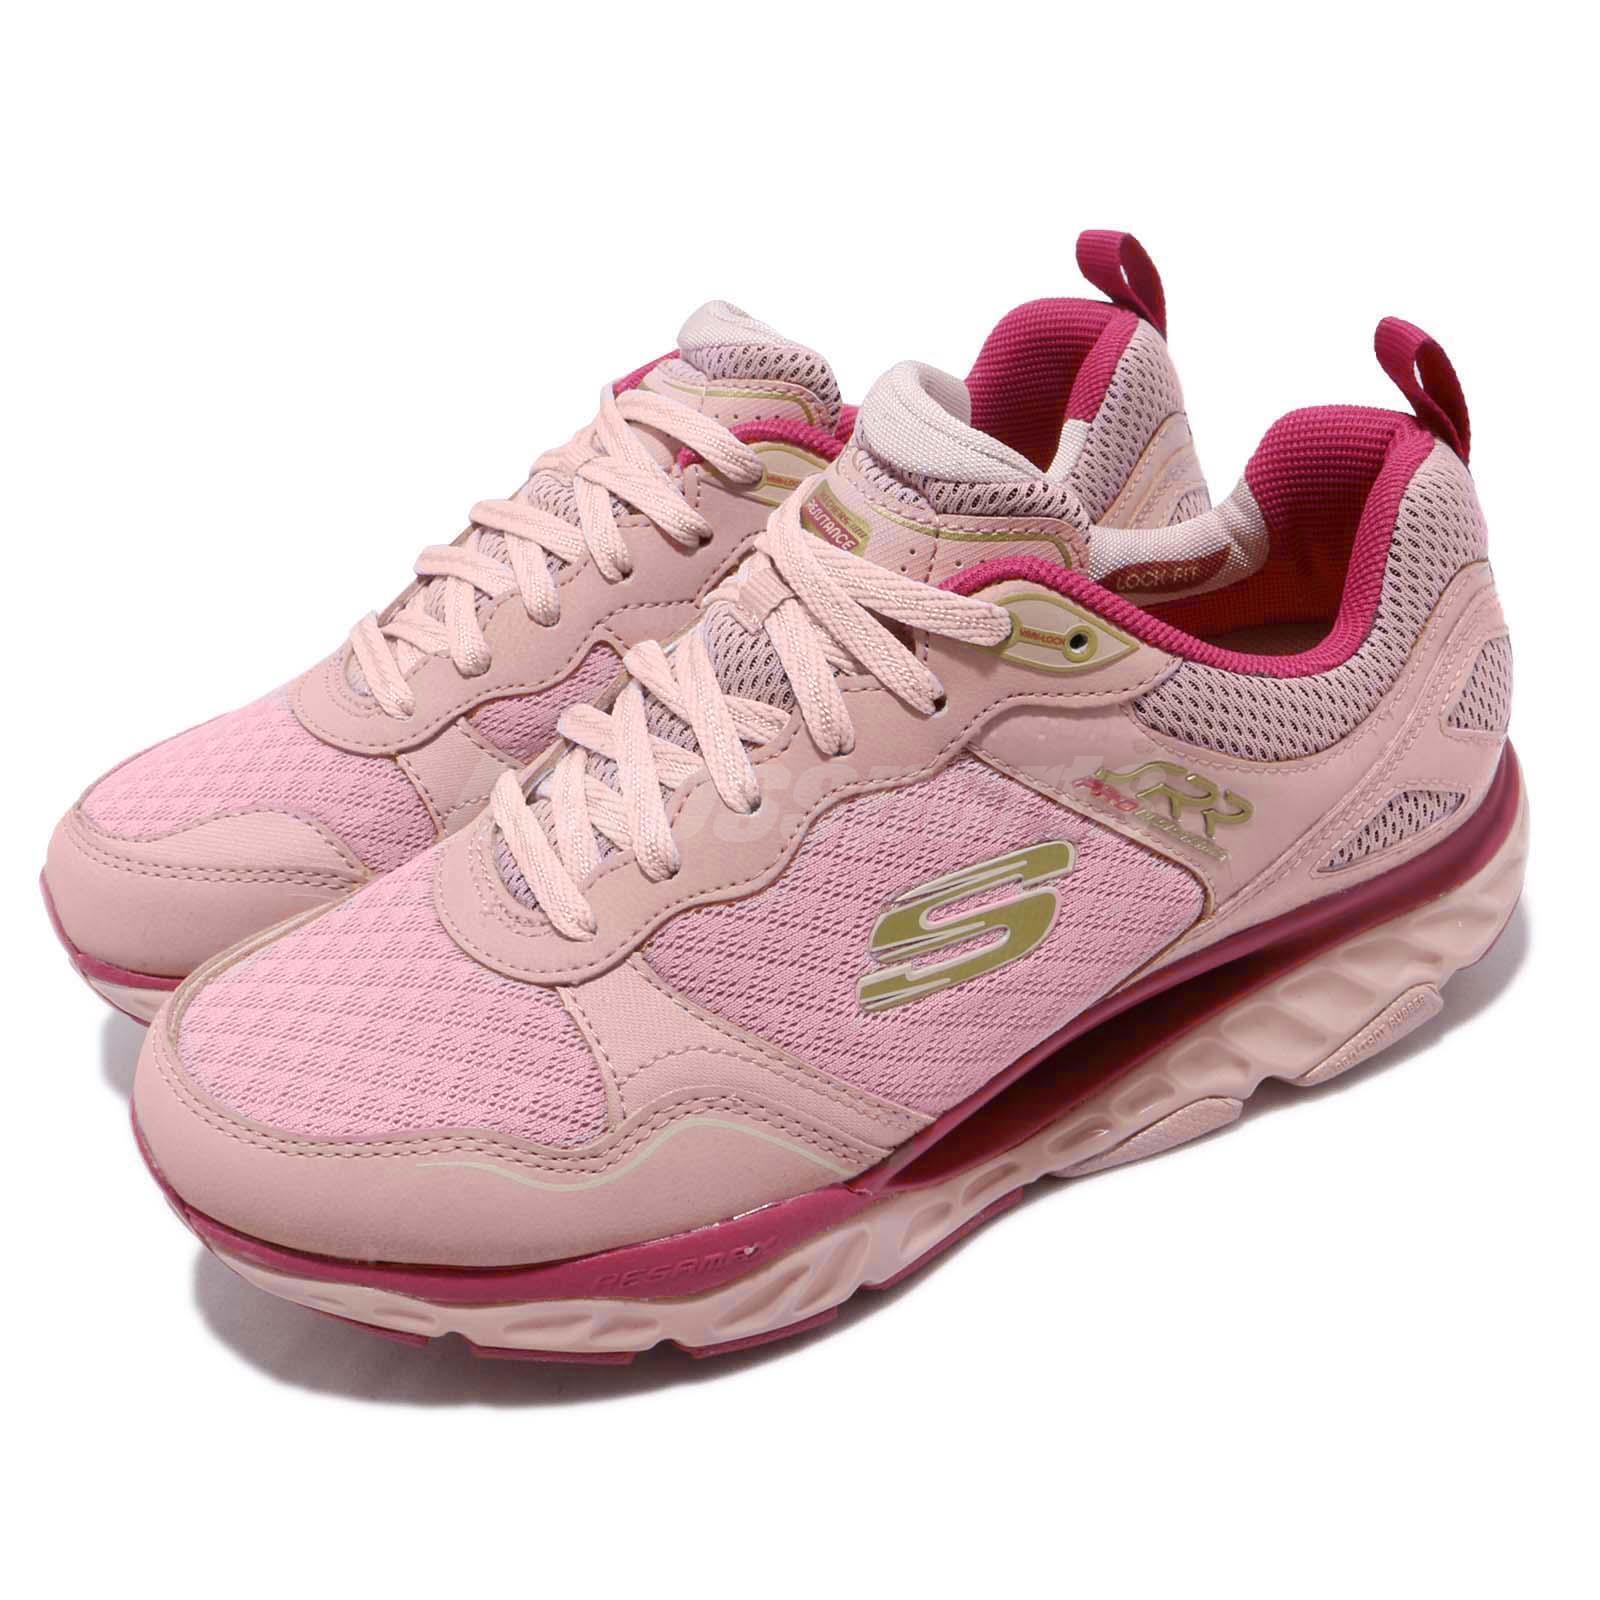 Skechers SRR Pro-Resistance-Runway Mauve Mauve Mauve mujer Running zapatos zapatilla de deporte 88888338-MVE  Entrega rápida y envío gratis en todos los pedidos.